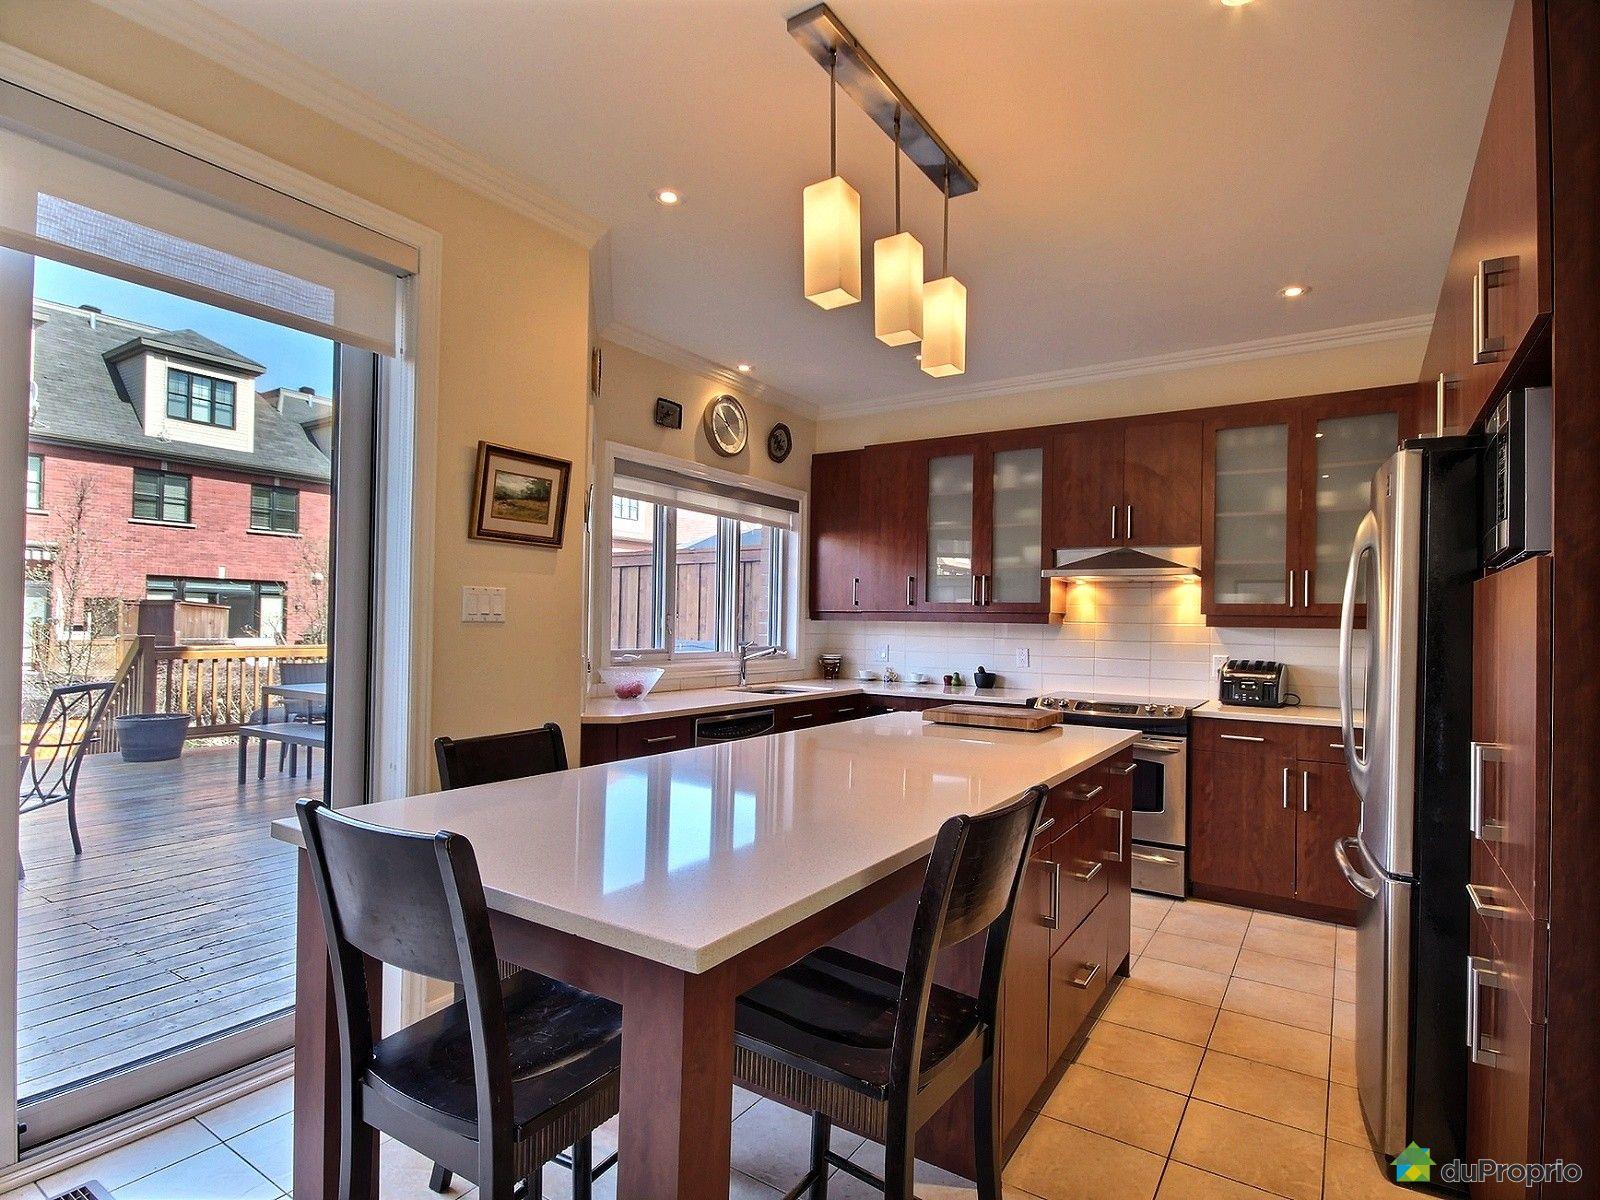 Maison vendre montr al 2905 rue de l 39 cu immobilier qu bec duproprio 663962 - Piscine st laurent de chamousset ...